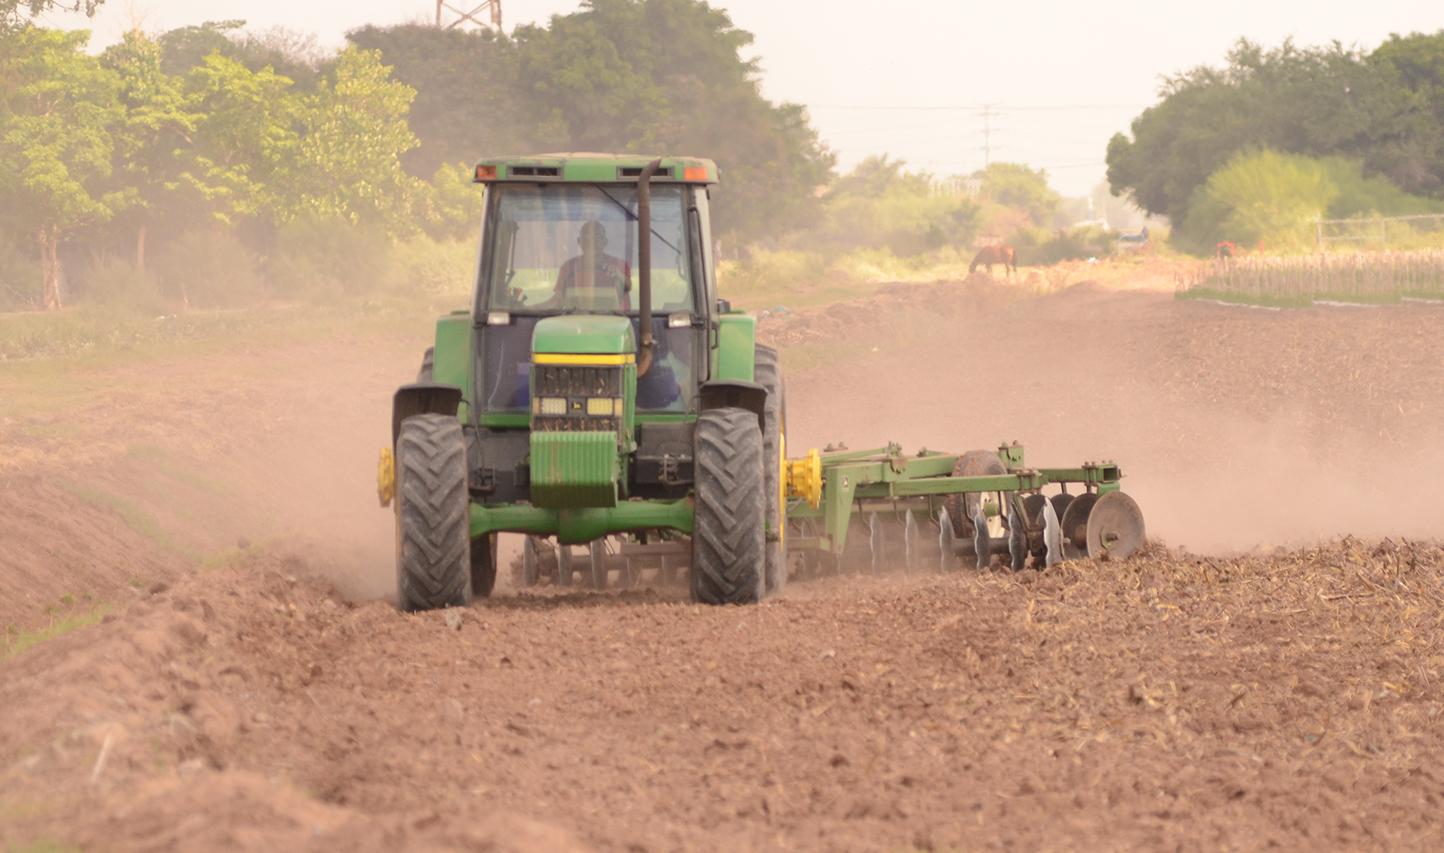 Anuncian prolongación de sequía, estado apoyará a los productores en Monclova